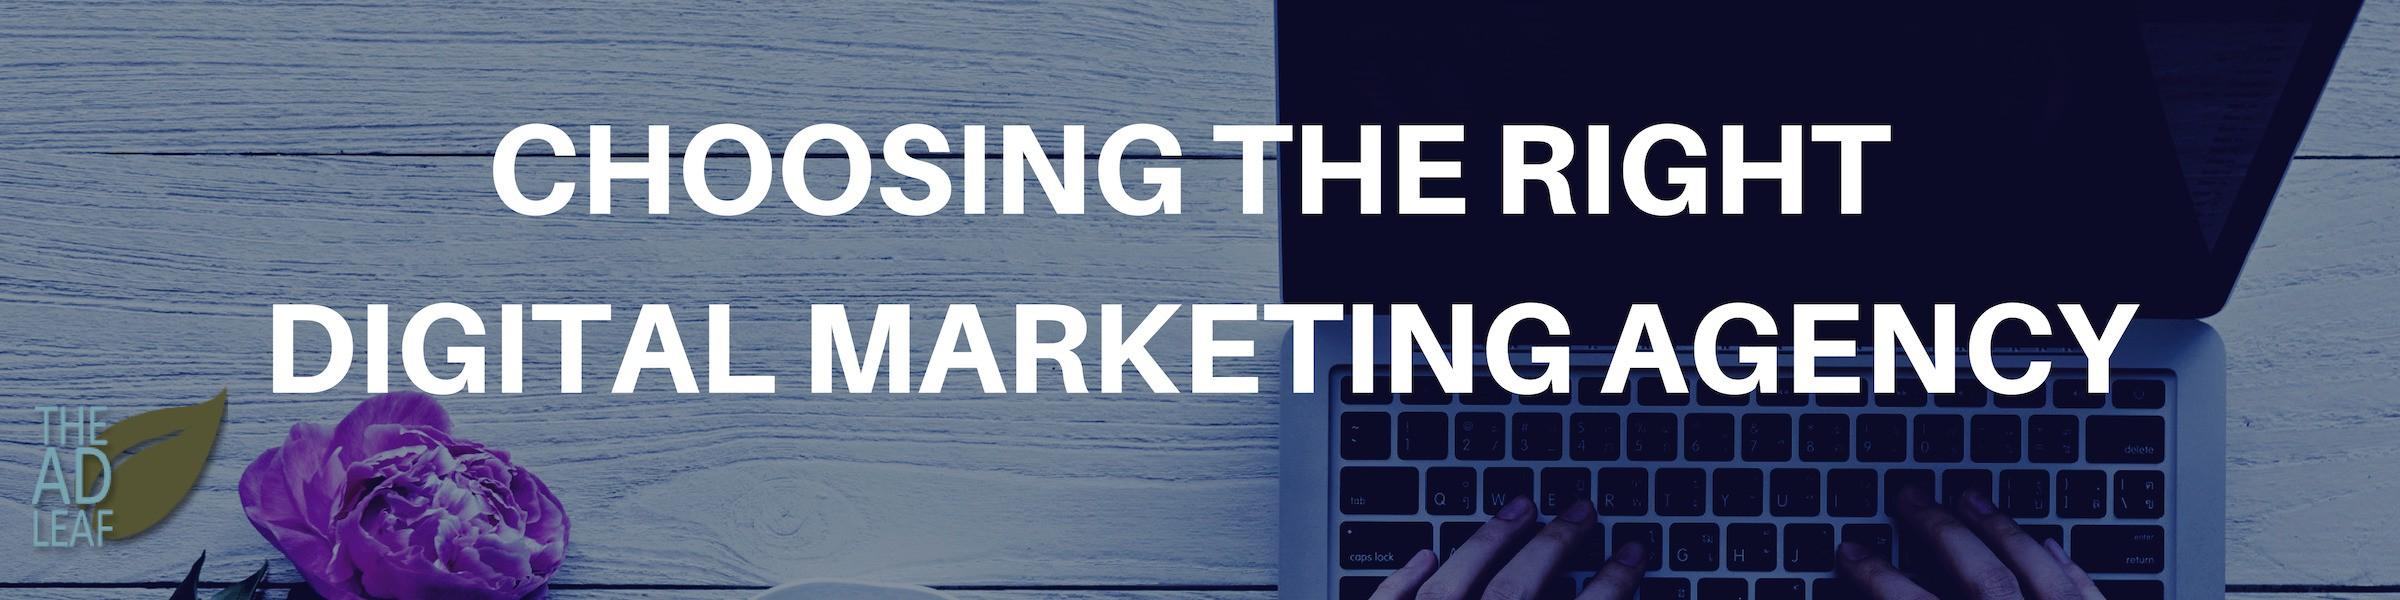 digital marketing agency Orlando FL